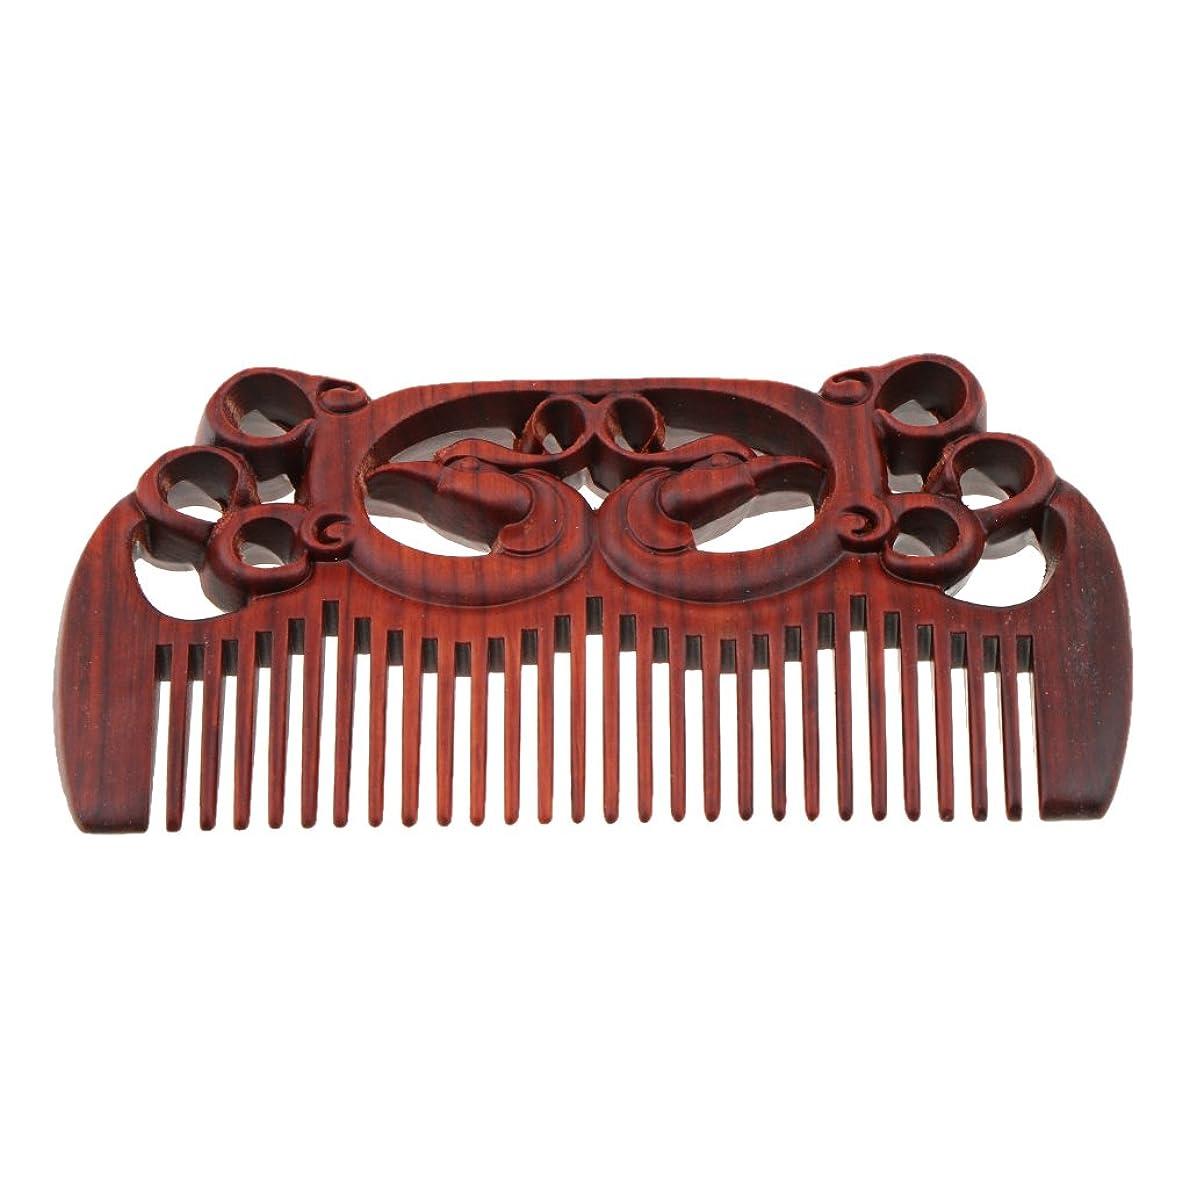 バンクつかいます高音Fenteer 木製櫛 頭皮マッサージ 櫛 ワイド歯 ヘアコーム ヘアブラシ ヘアスタイリング 高品質 2タイプ選べる - #1